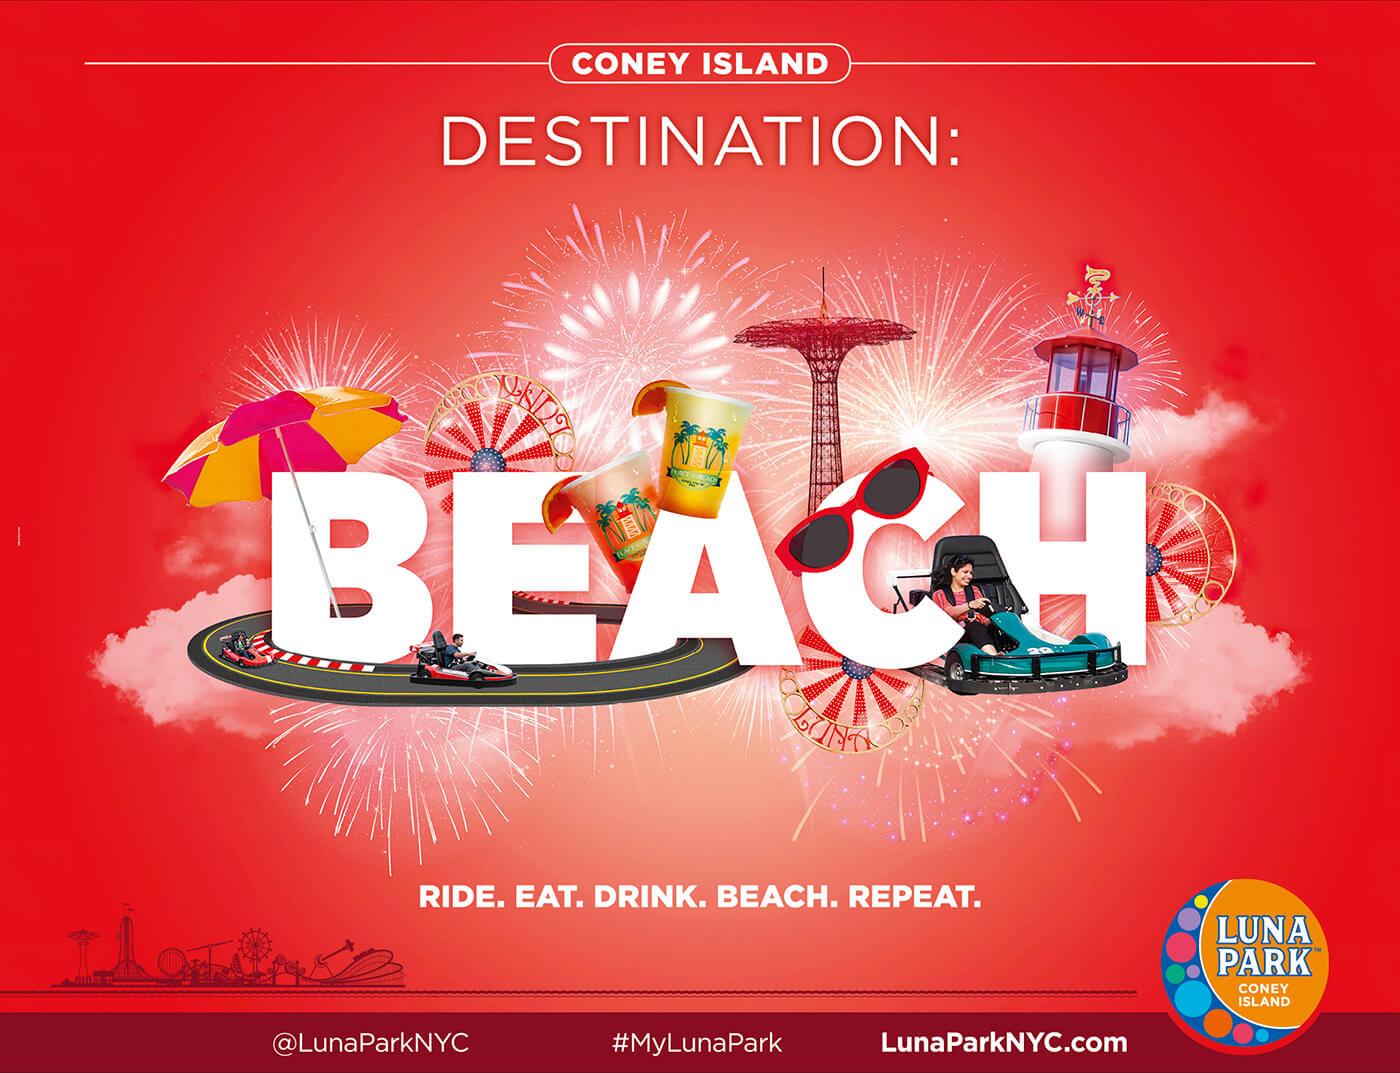 Adv Luna Park - Coney Island Destination: Beach